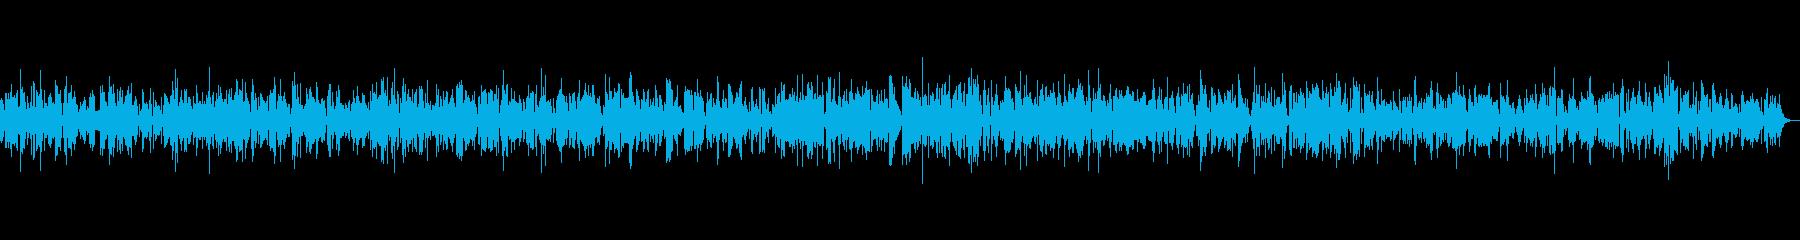 疲れた夜にしっとり聴きたいムードJAZZの再生済みの波形